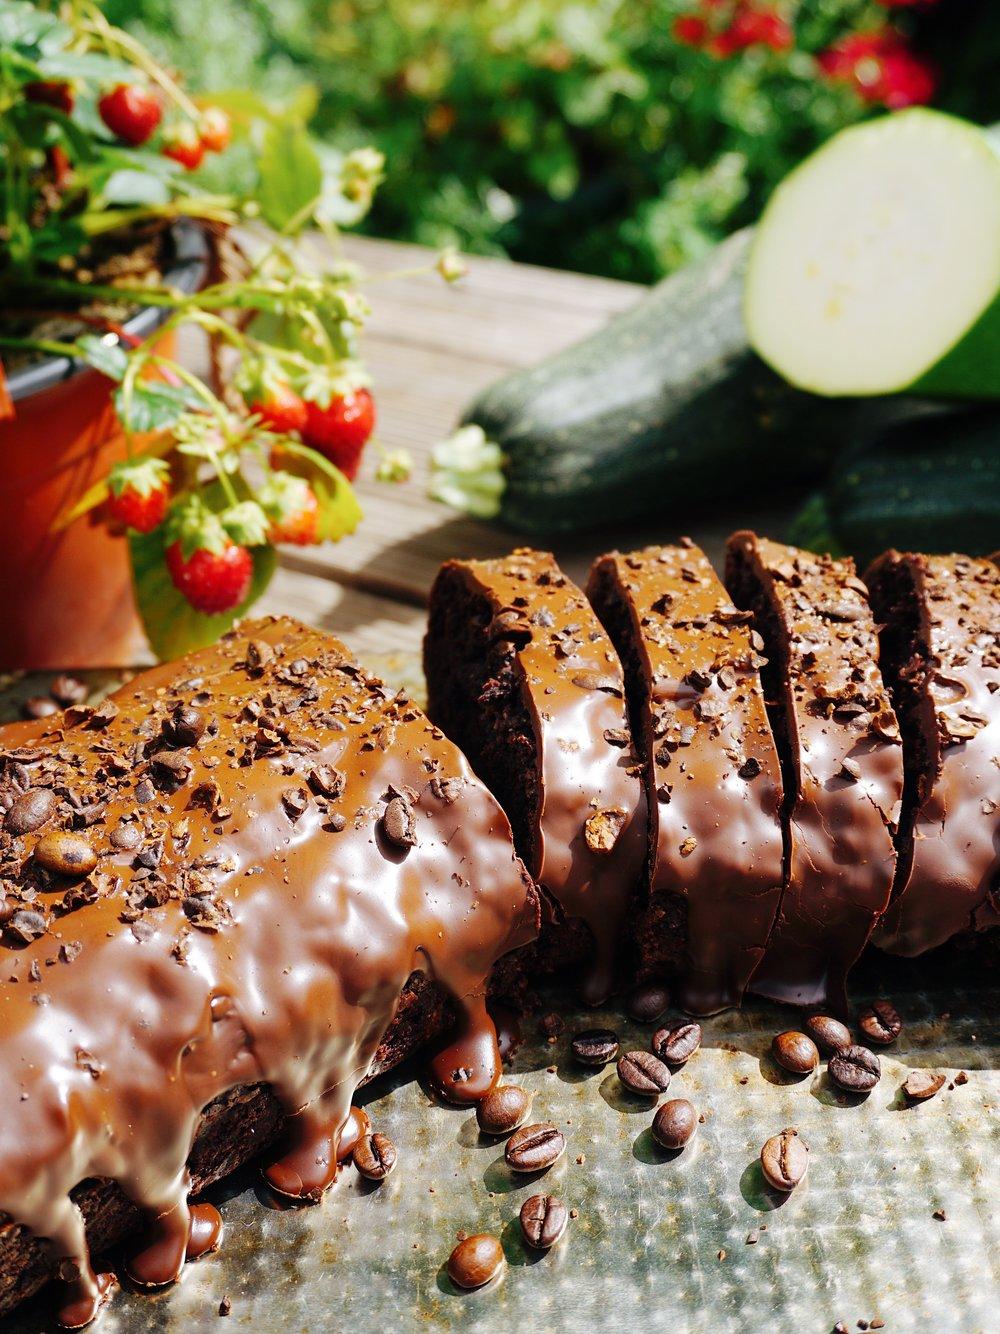 """kabaču un šokolādes kēkss - sestdienas rīta agrumā dārzā nomedīju tādu truša izmēra kabaci.te ir kabača un šokolādes kēkss, kuru garšojot nejūt ne pašu kabaci, ne to """"vai šis kēkss ir sauss?"""" klātbūtni.protams, ar tumšo šokolādi kā iekšā, tā ārā šis ir pārākais gardums."""